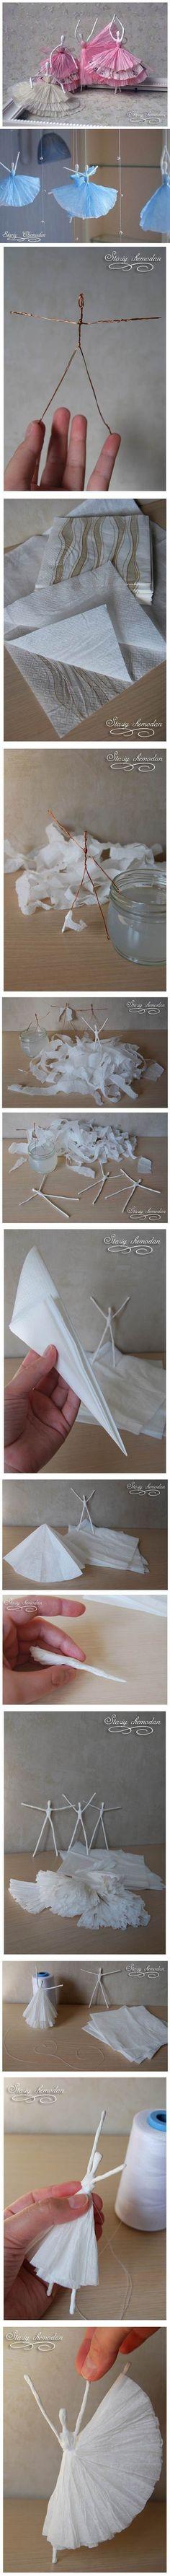 Que ideia criativa!: